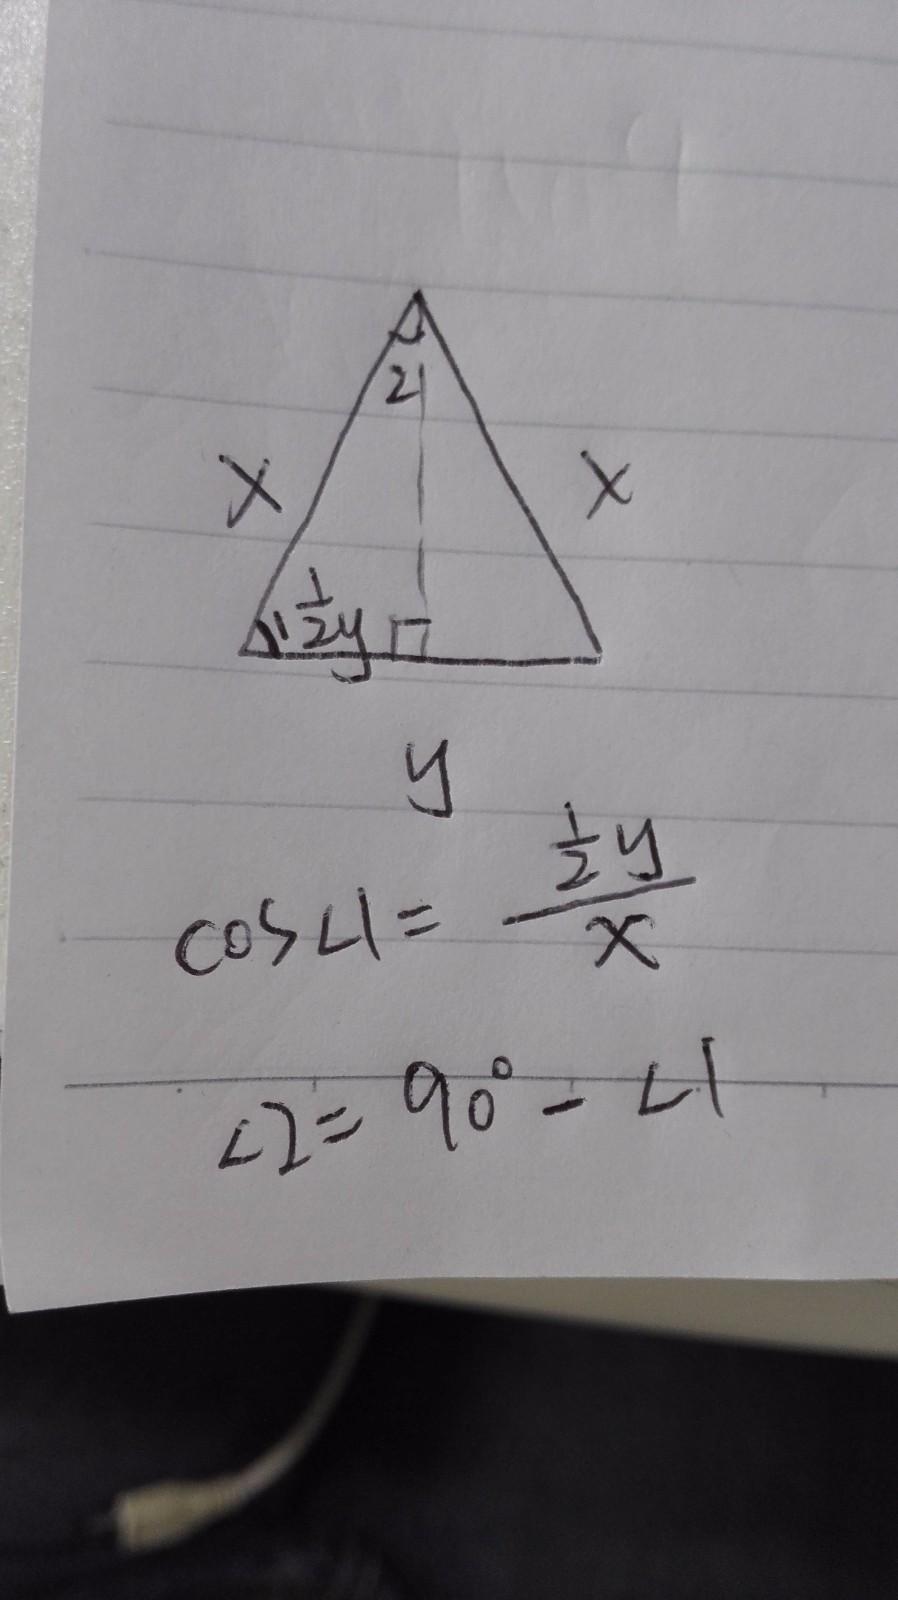 等腰三角形如何求度数